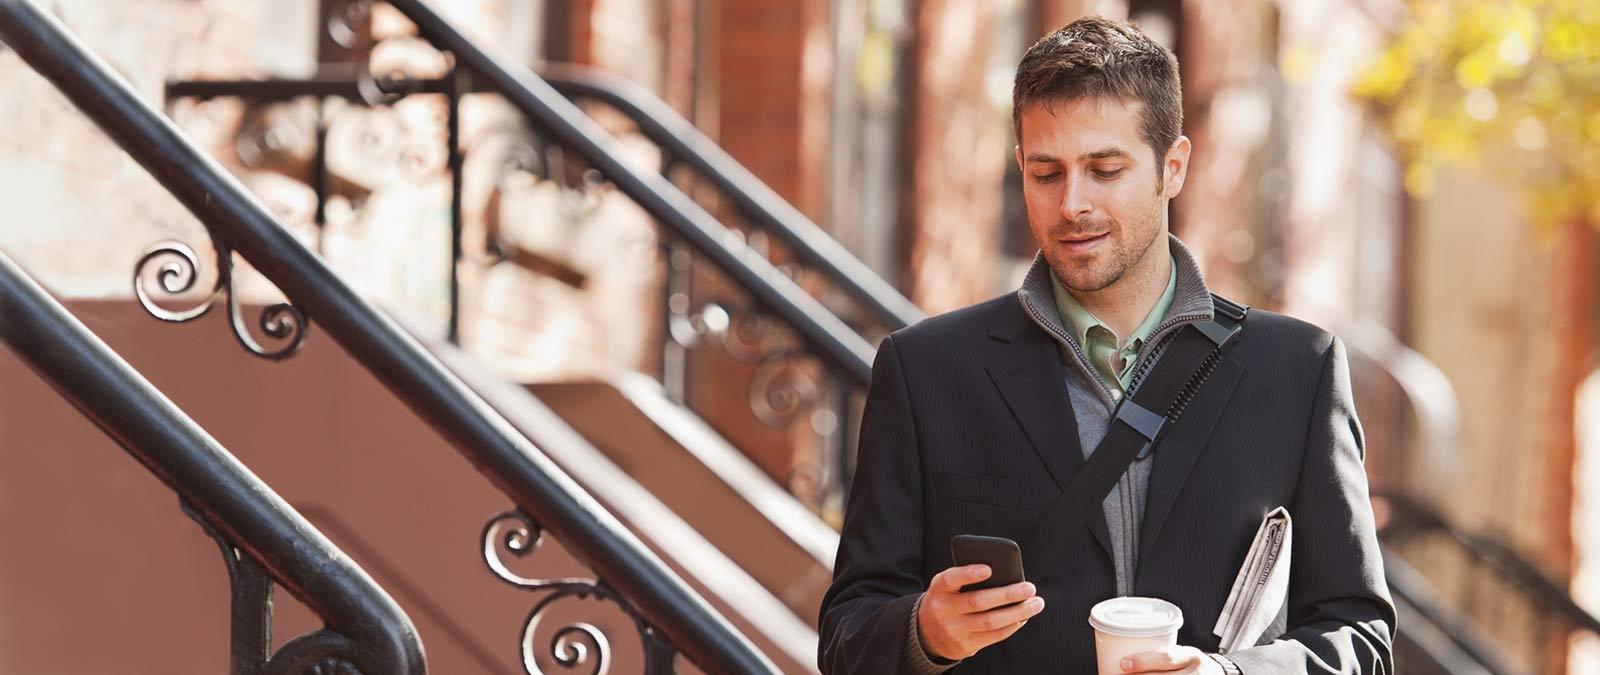 Muškarac koji drži pametni telefon i koristi Office 365 Enterprise E1.